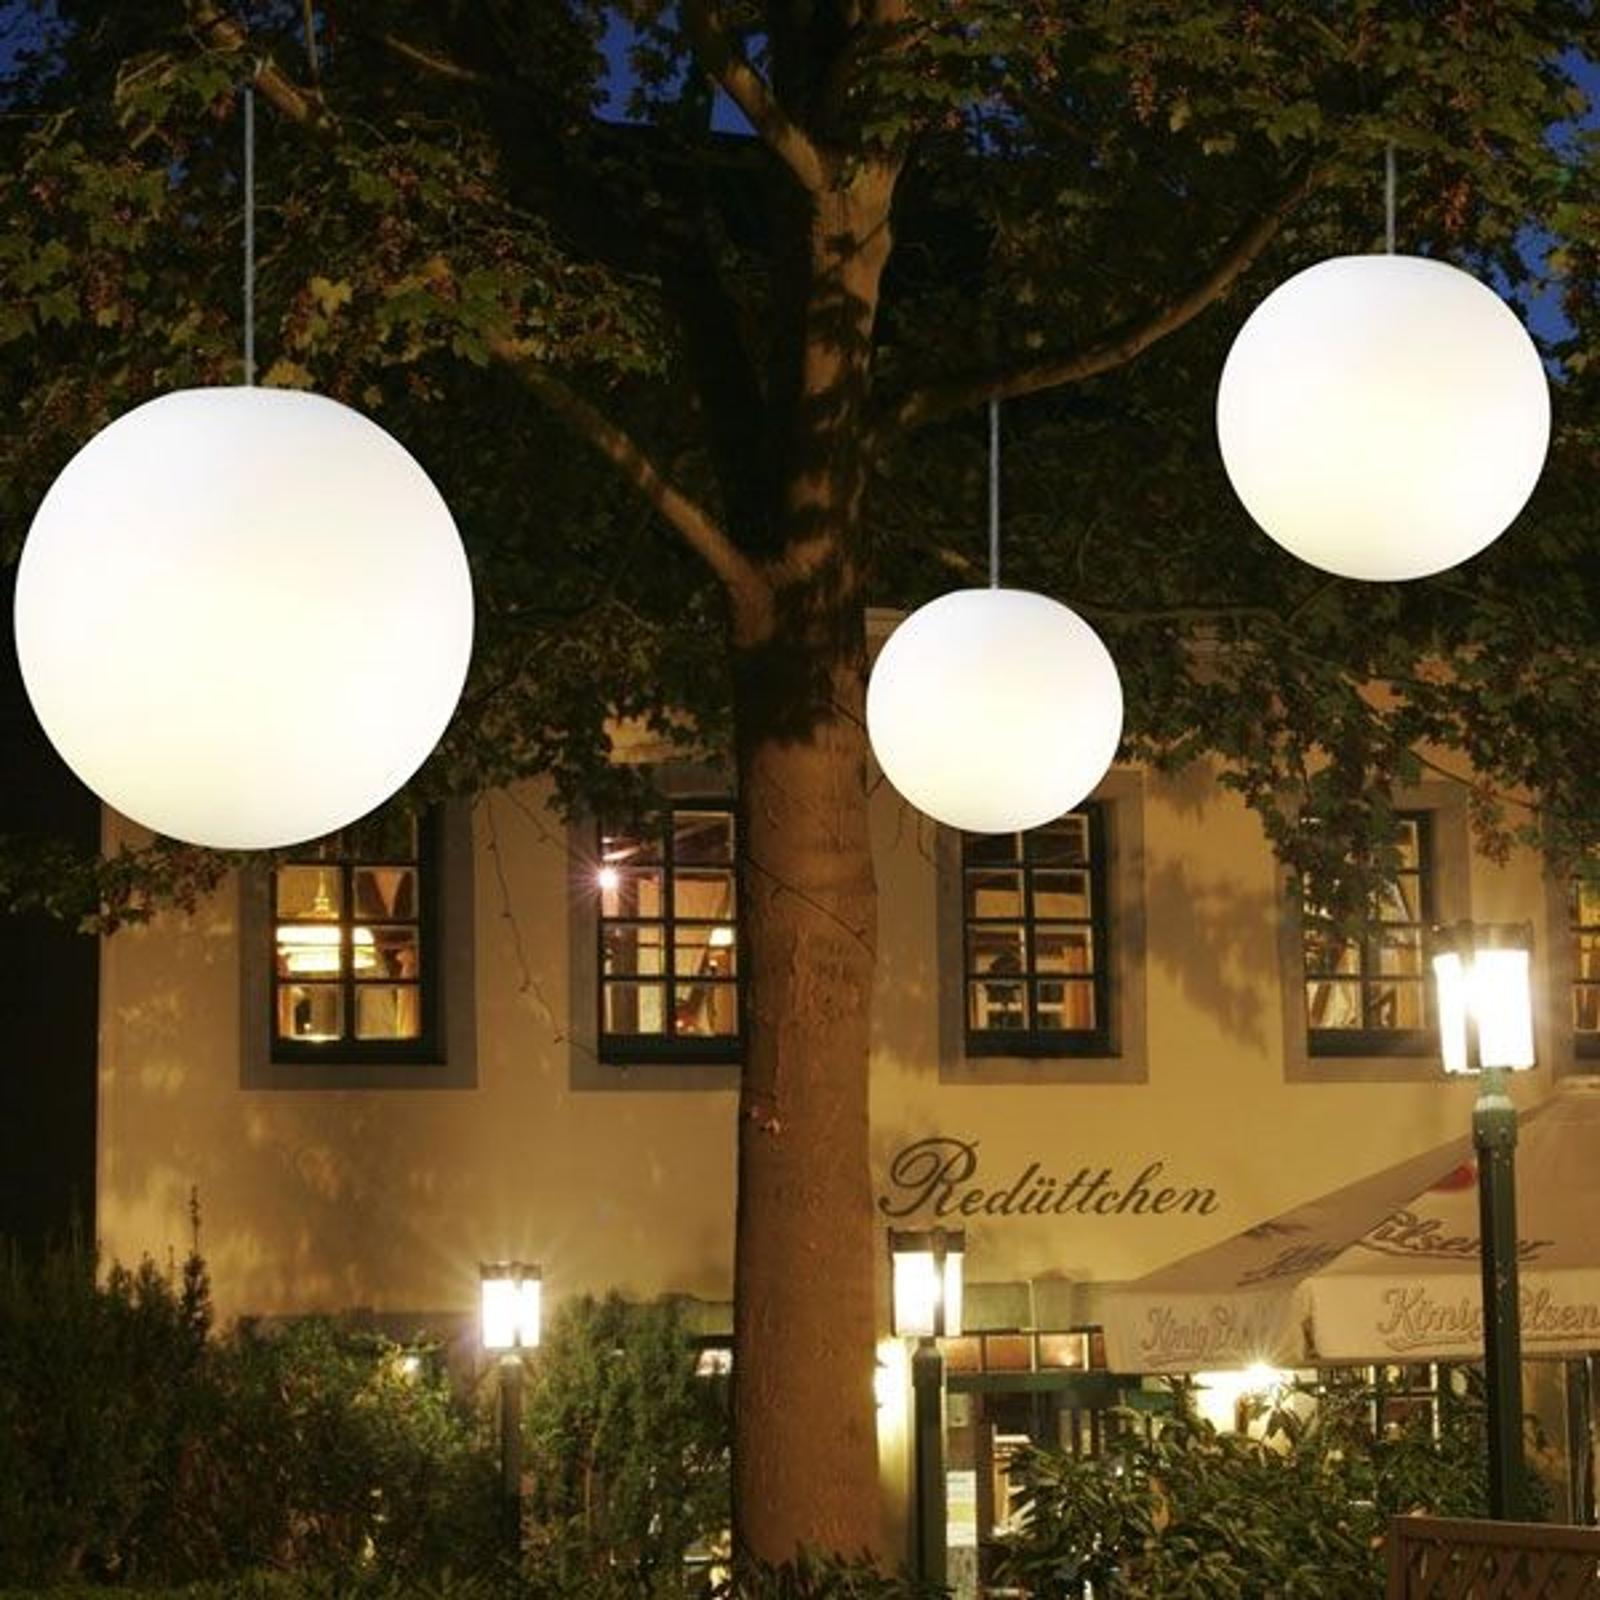 Závesná lampa Snowball biela do exteriéru_3050049_1